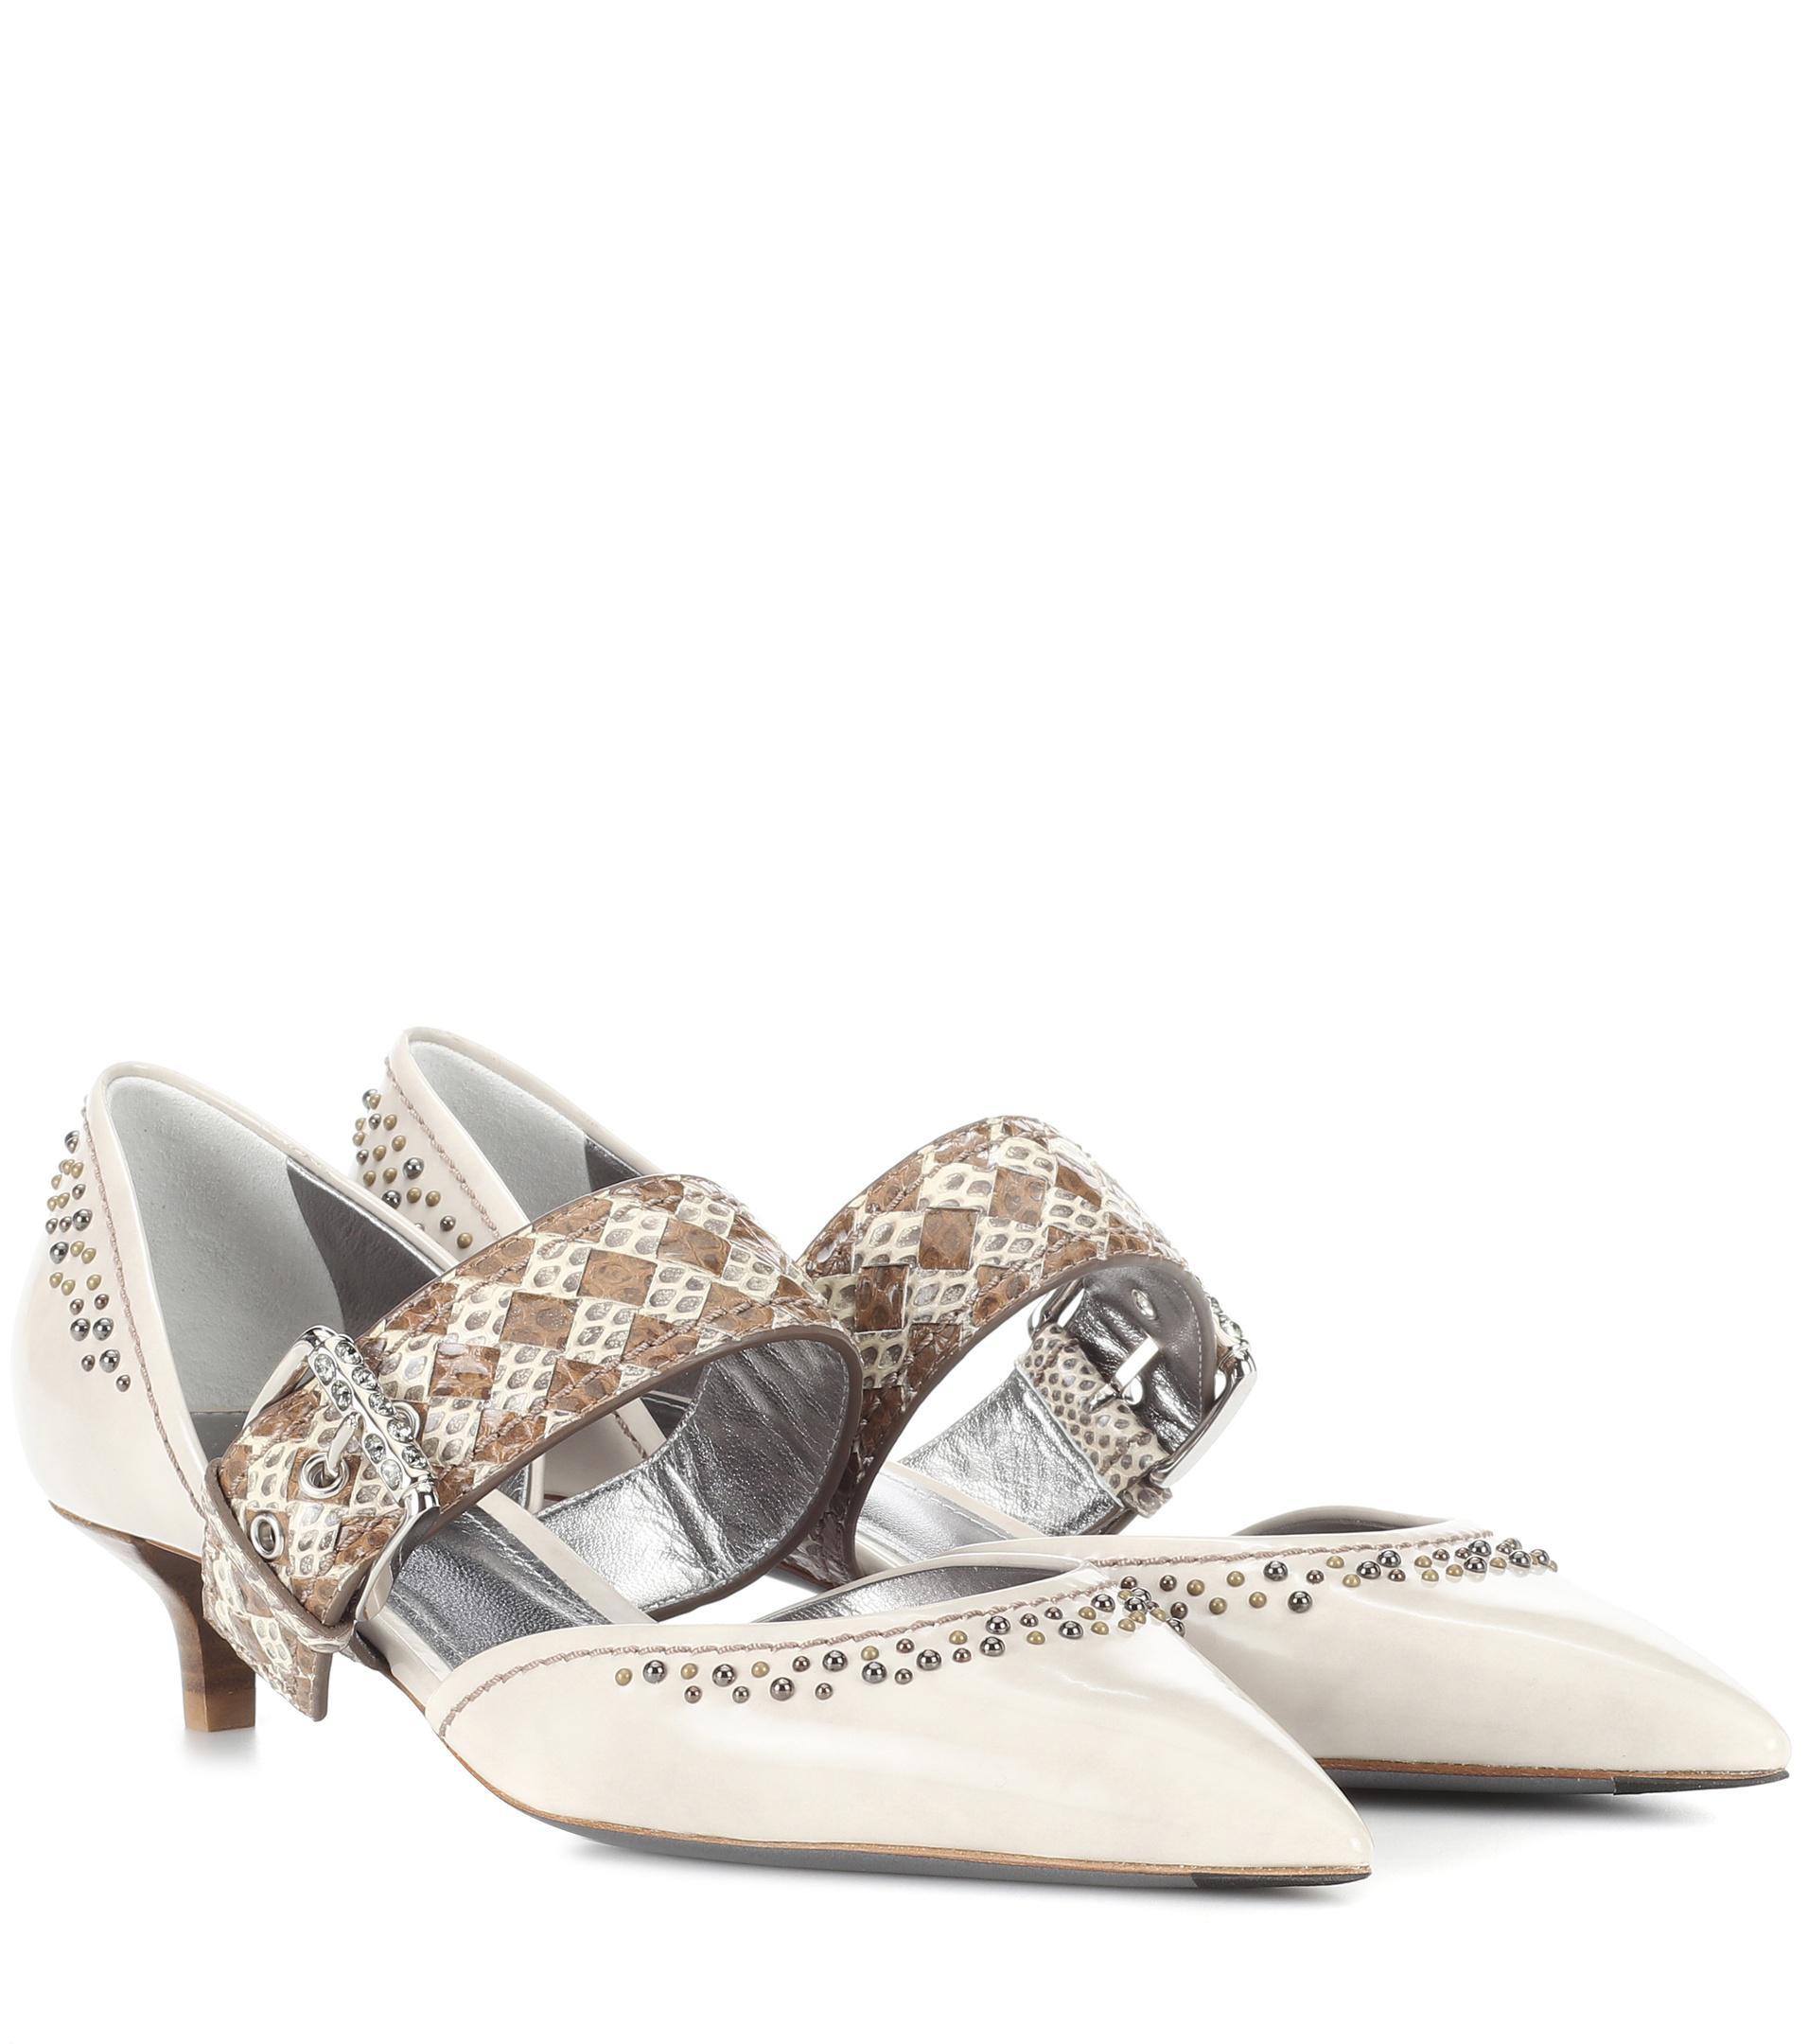 Bottega Veneta Leather and snakeskin pumps 01EHDzJ5W